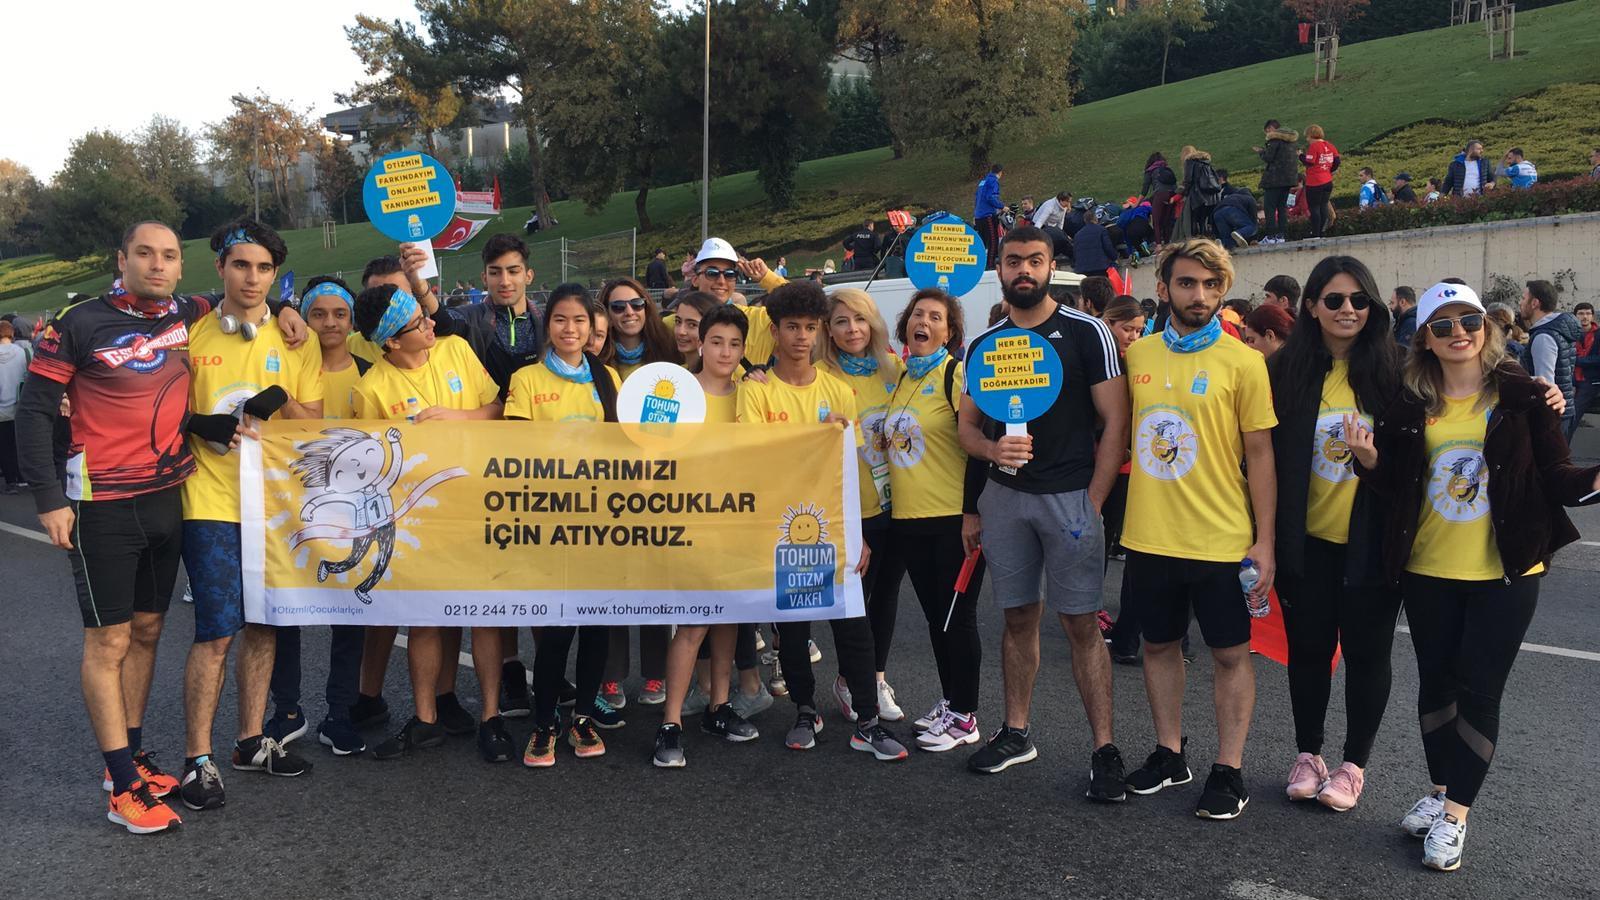 İstanbul Maratonu'nda Otizmli Çocuklara Büyük Destek